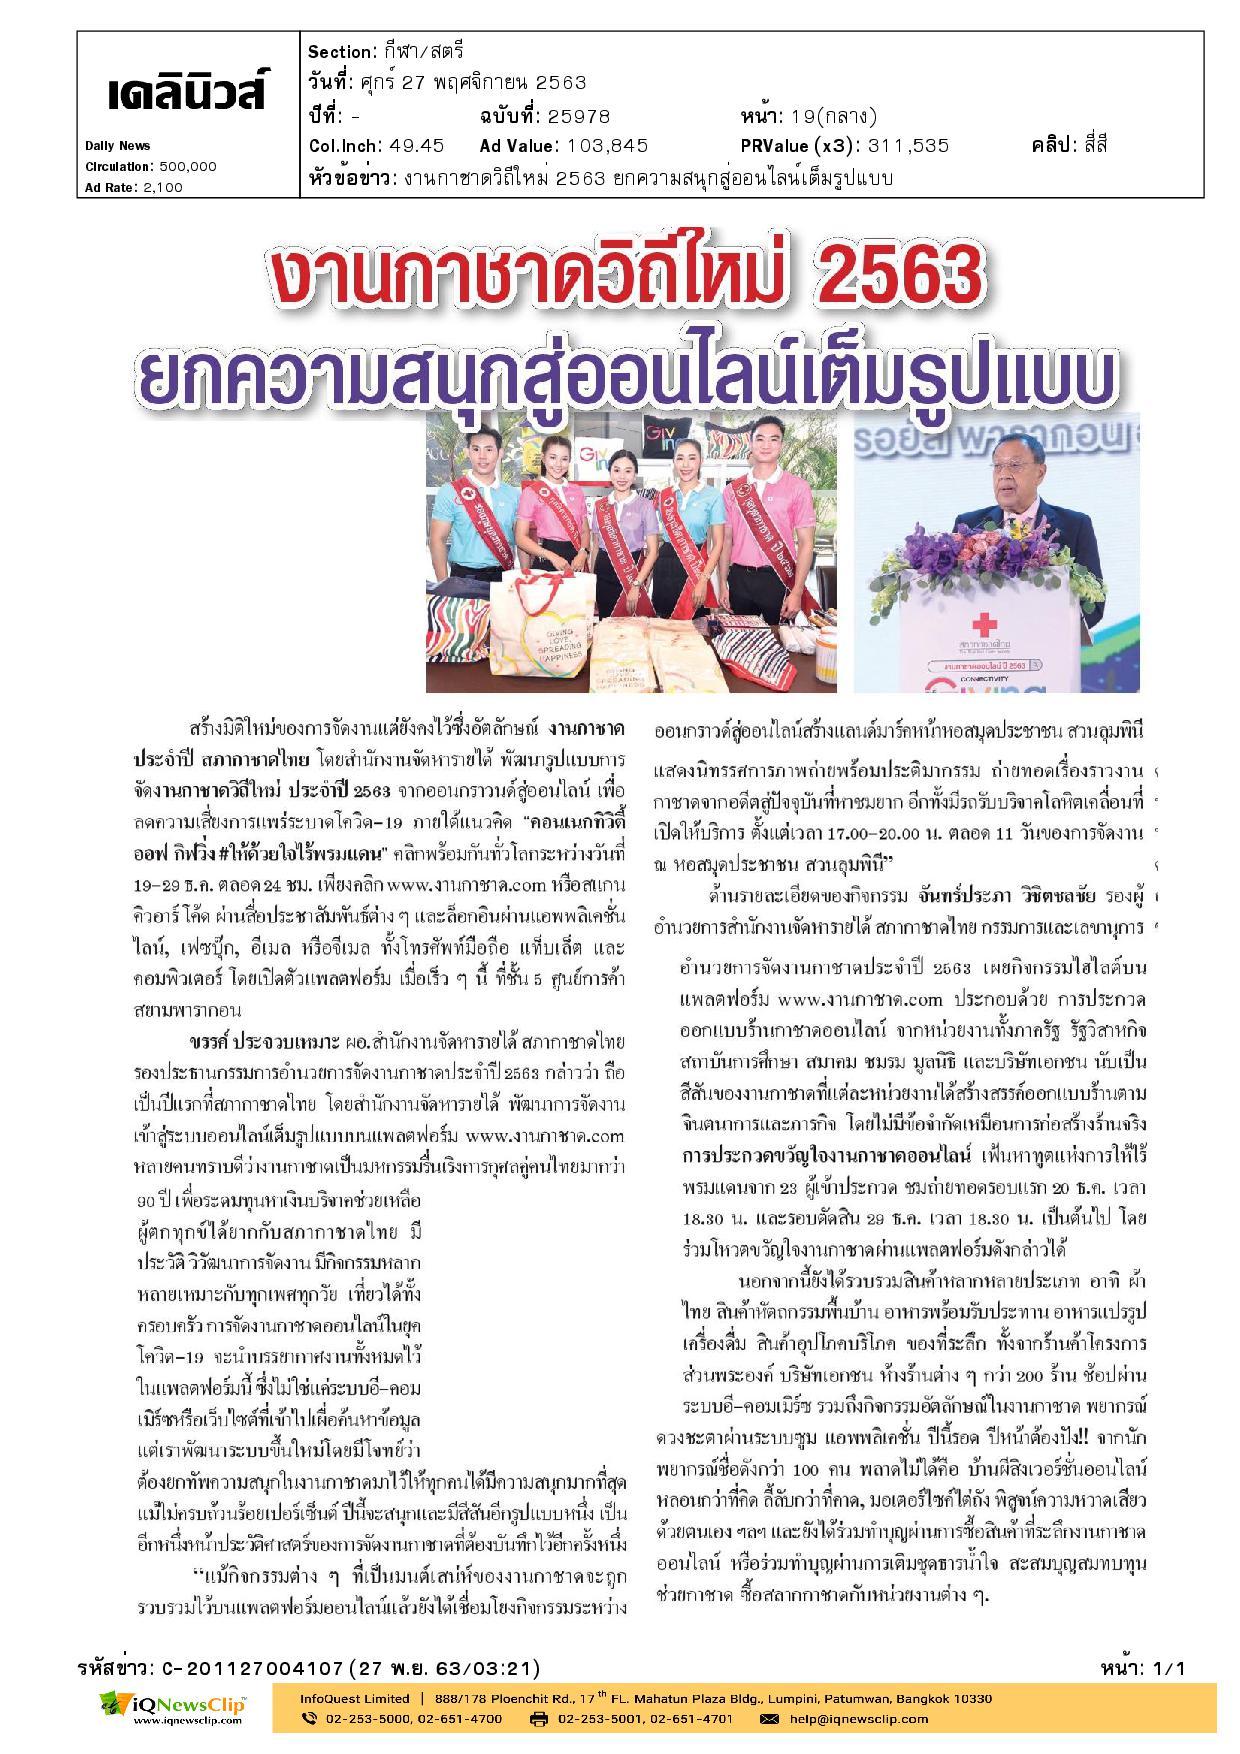 สภากาชาดไทย แถลงข่าวการจัดงานกาชาดออนไลน์ ประจำปี 2563